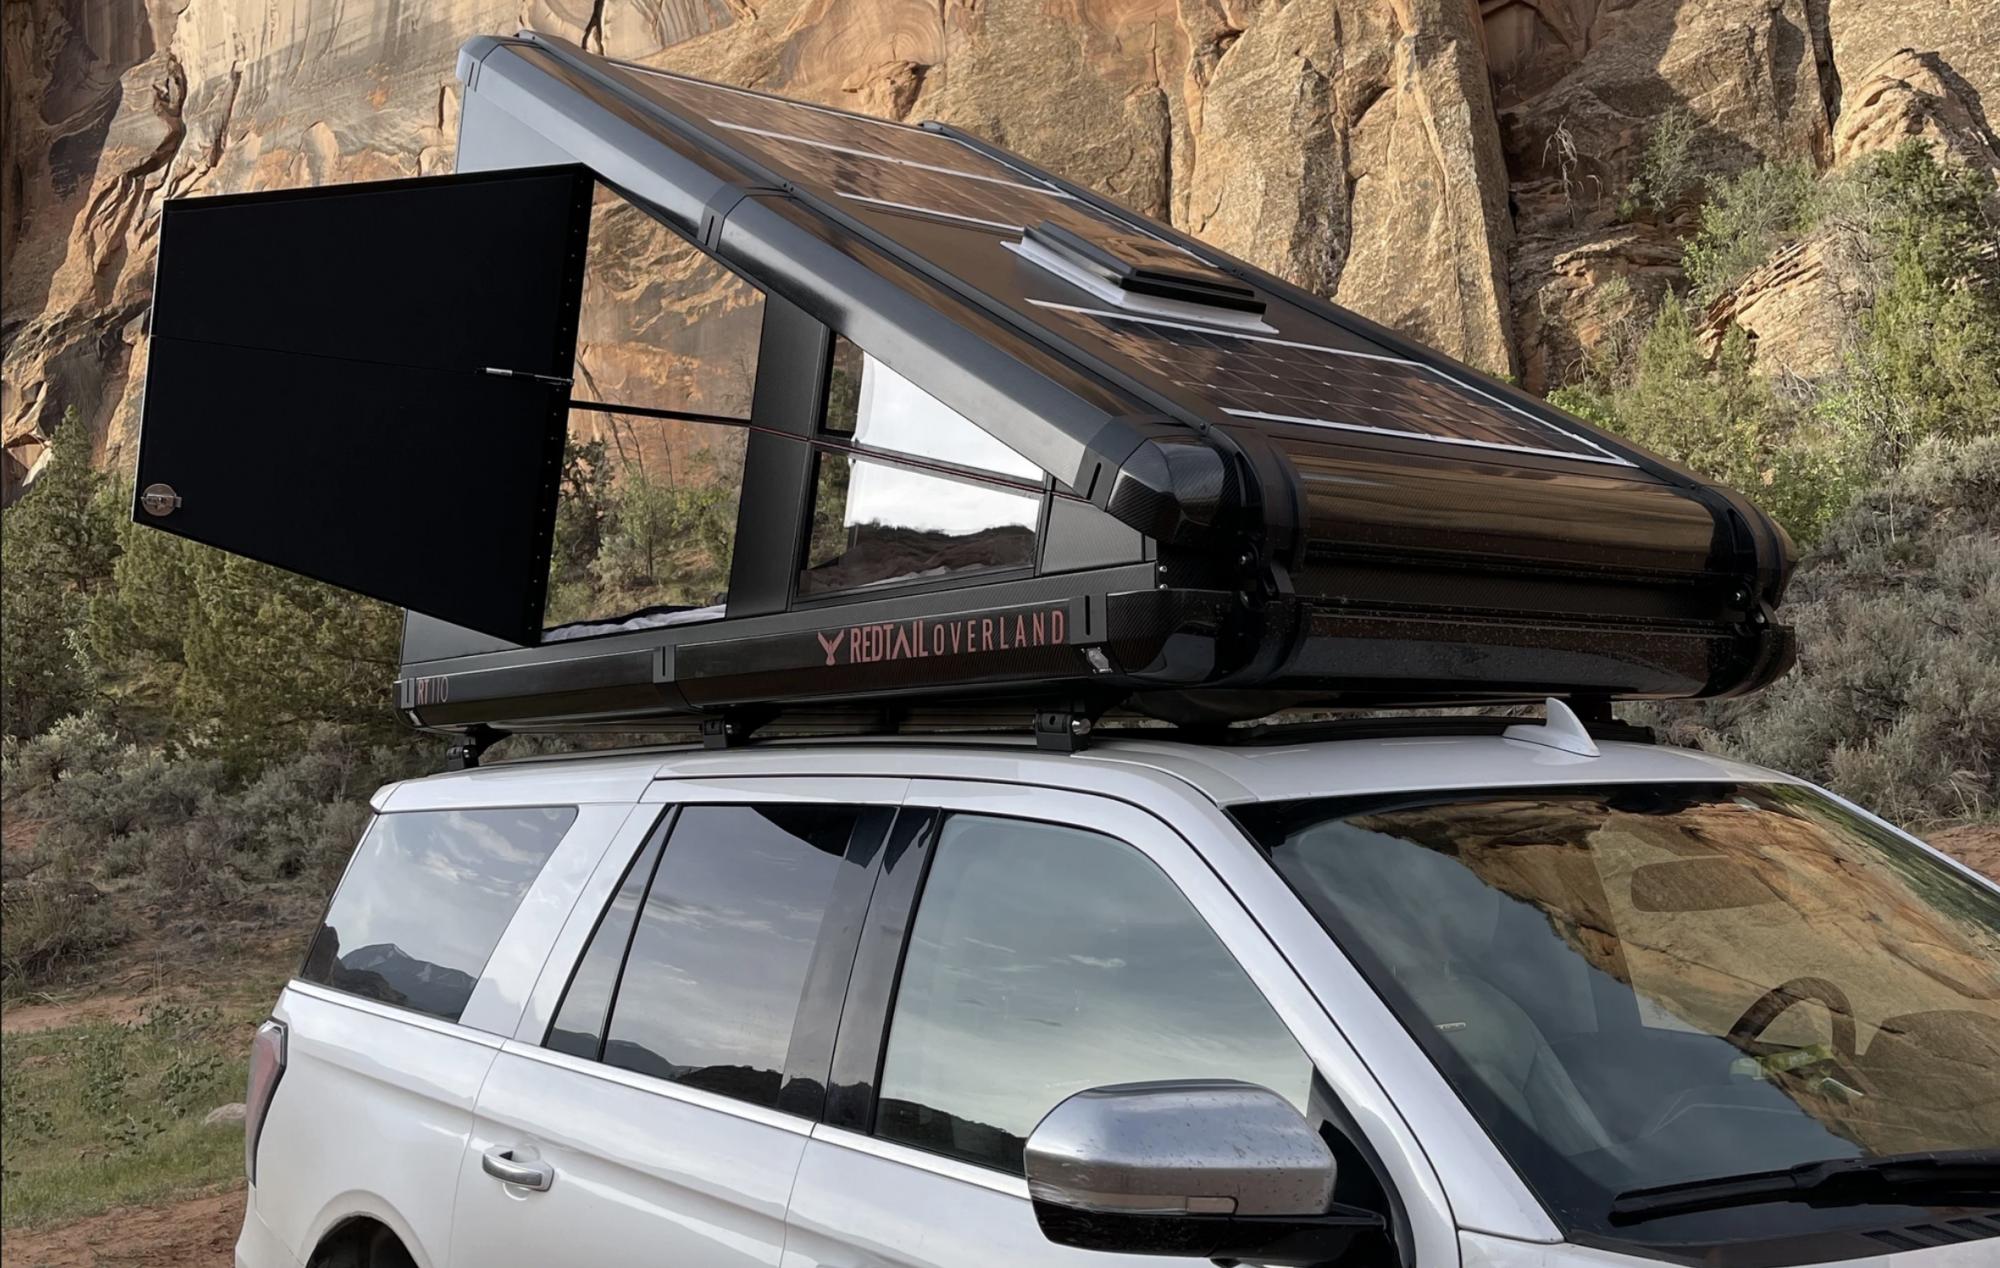 Camper sur votre voiture, c'est possible avec cette tente qui s'installe en 30 secondes